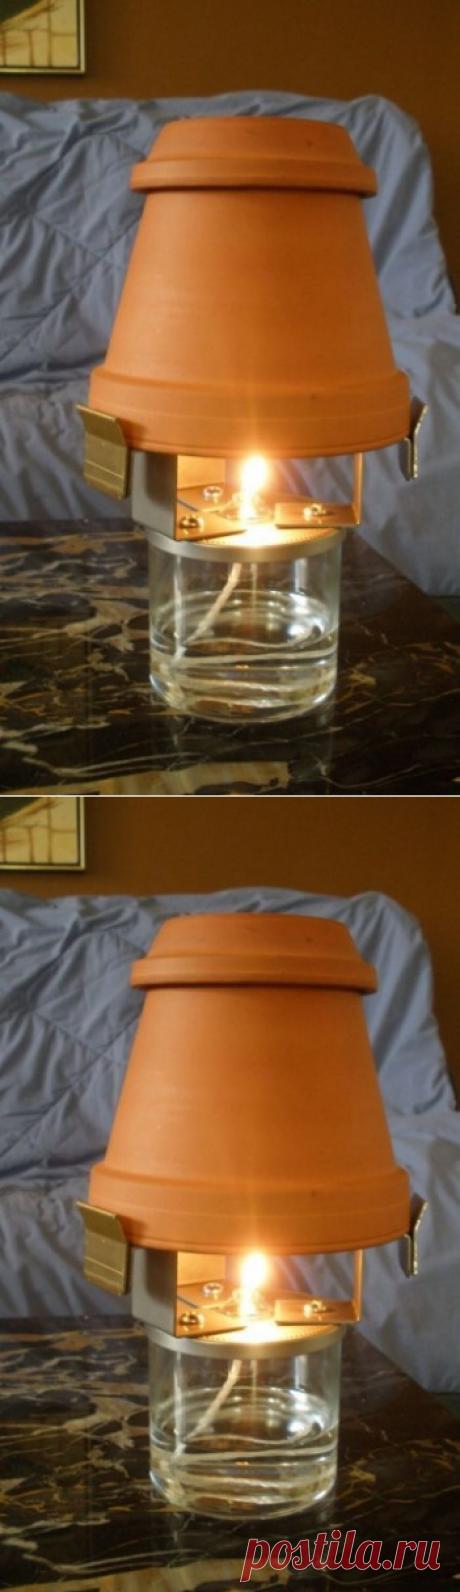 Как отопить комнату одной свечой